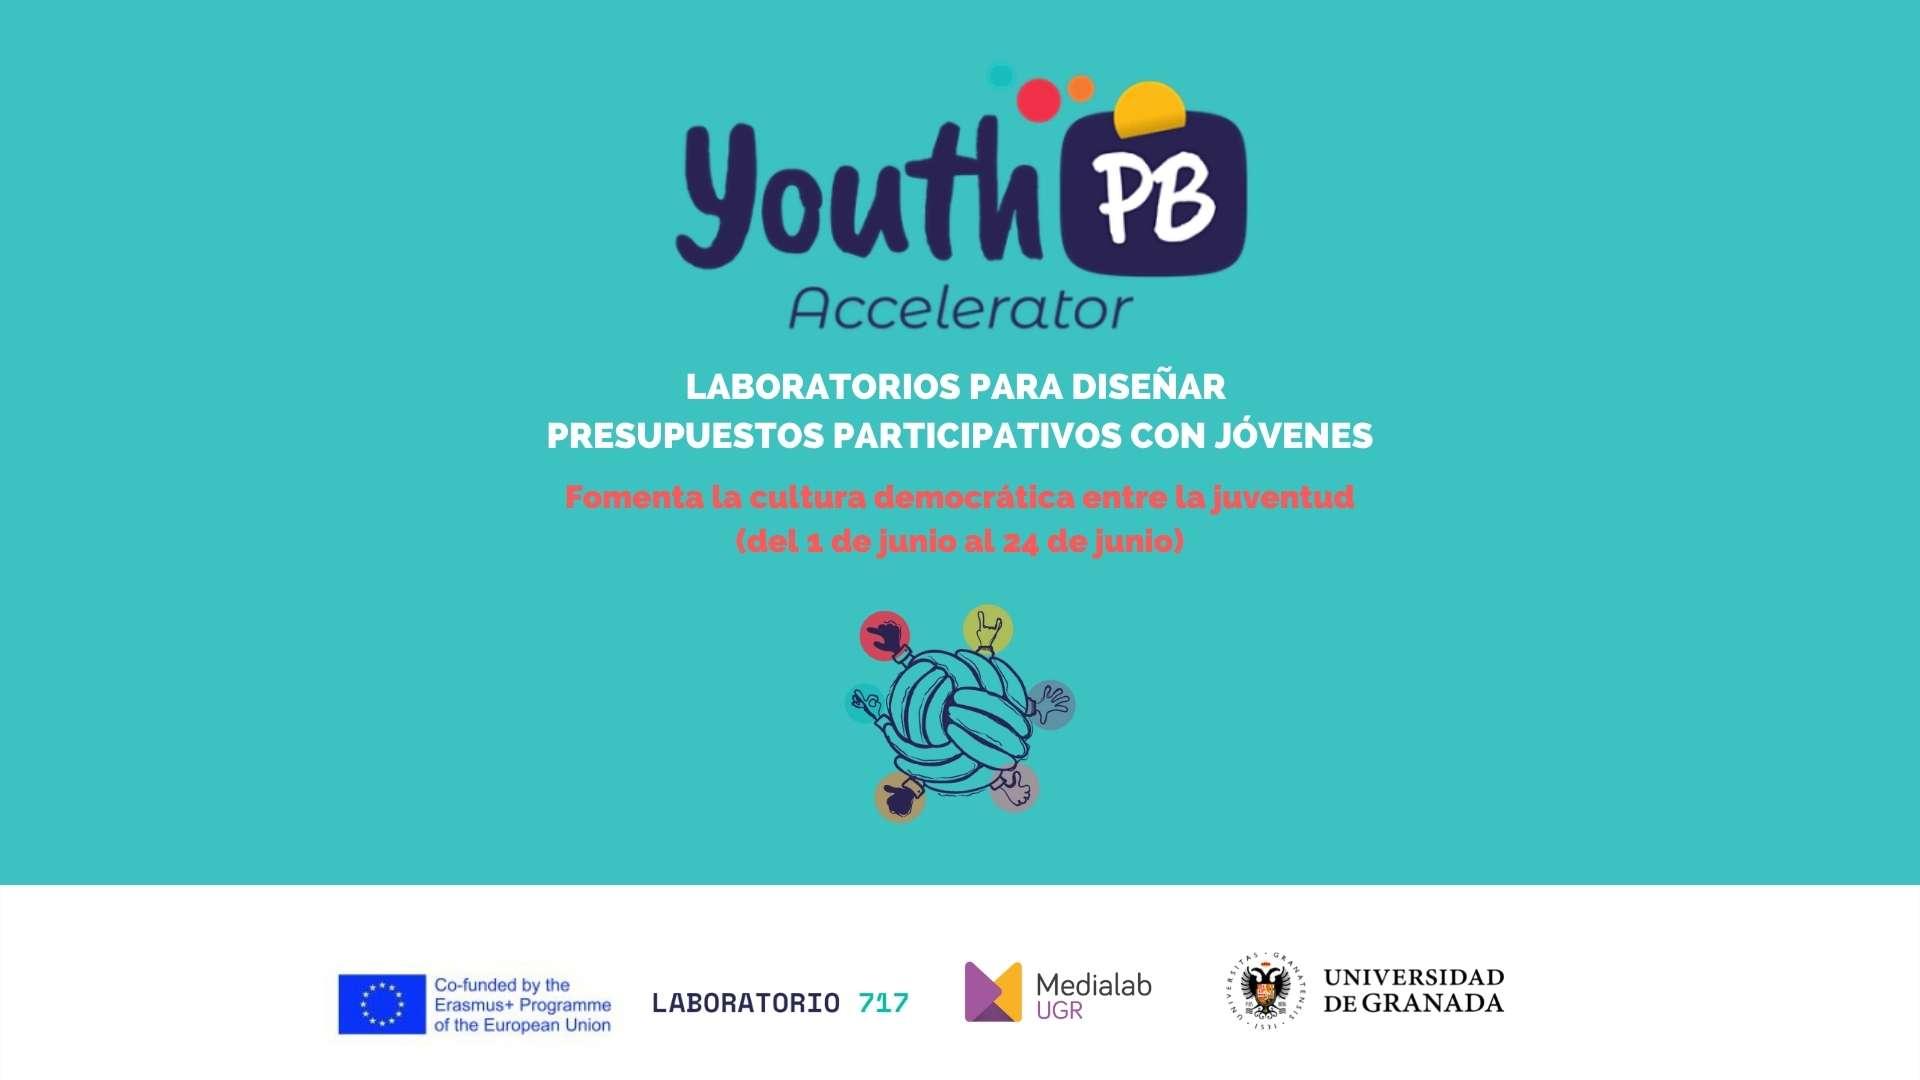 Imagen de la noticia Crónica de la convocatoria presupuestos participativos y juventud